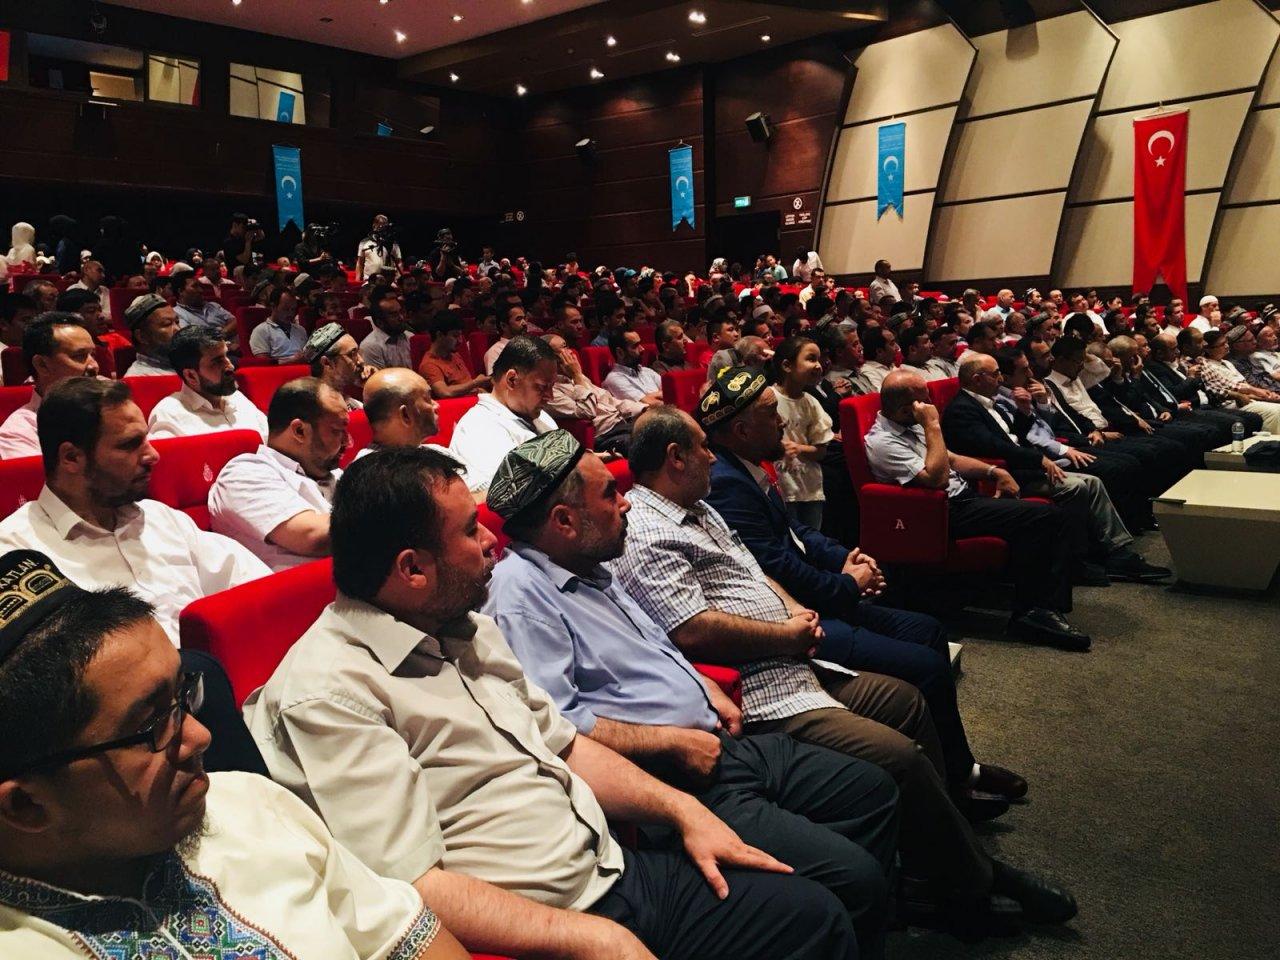 opt-564f6adb-4e19-4c9c-a348-dd8fa430cb19-ZM340CVBWV2ZMLA05WOR 10. Dünya Doğu Türkistanlılar Kardeşlik Buluşması gerçekleşti